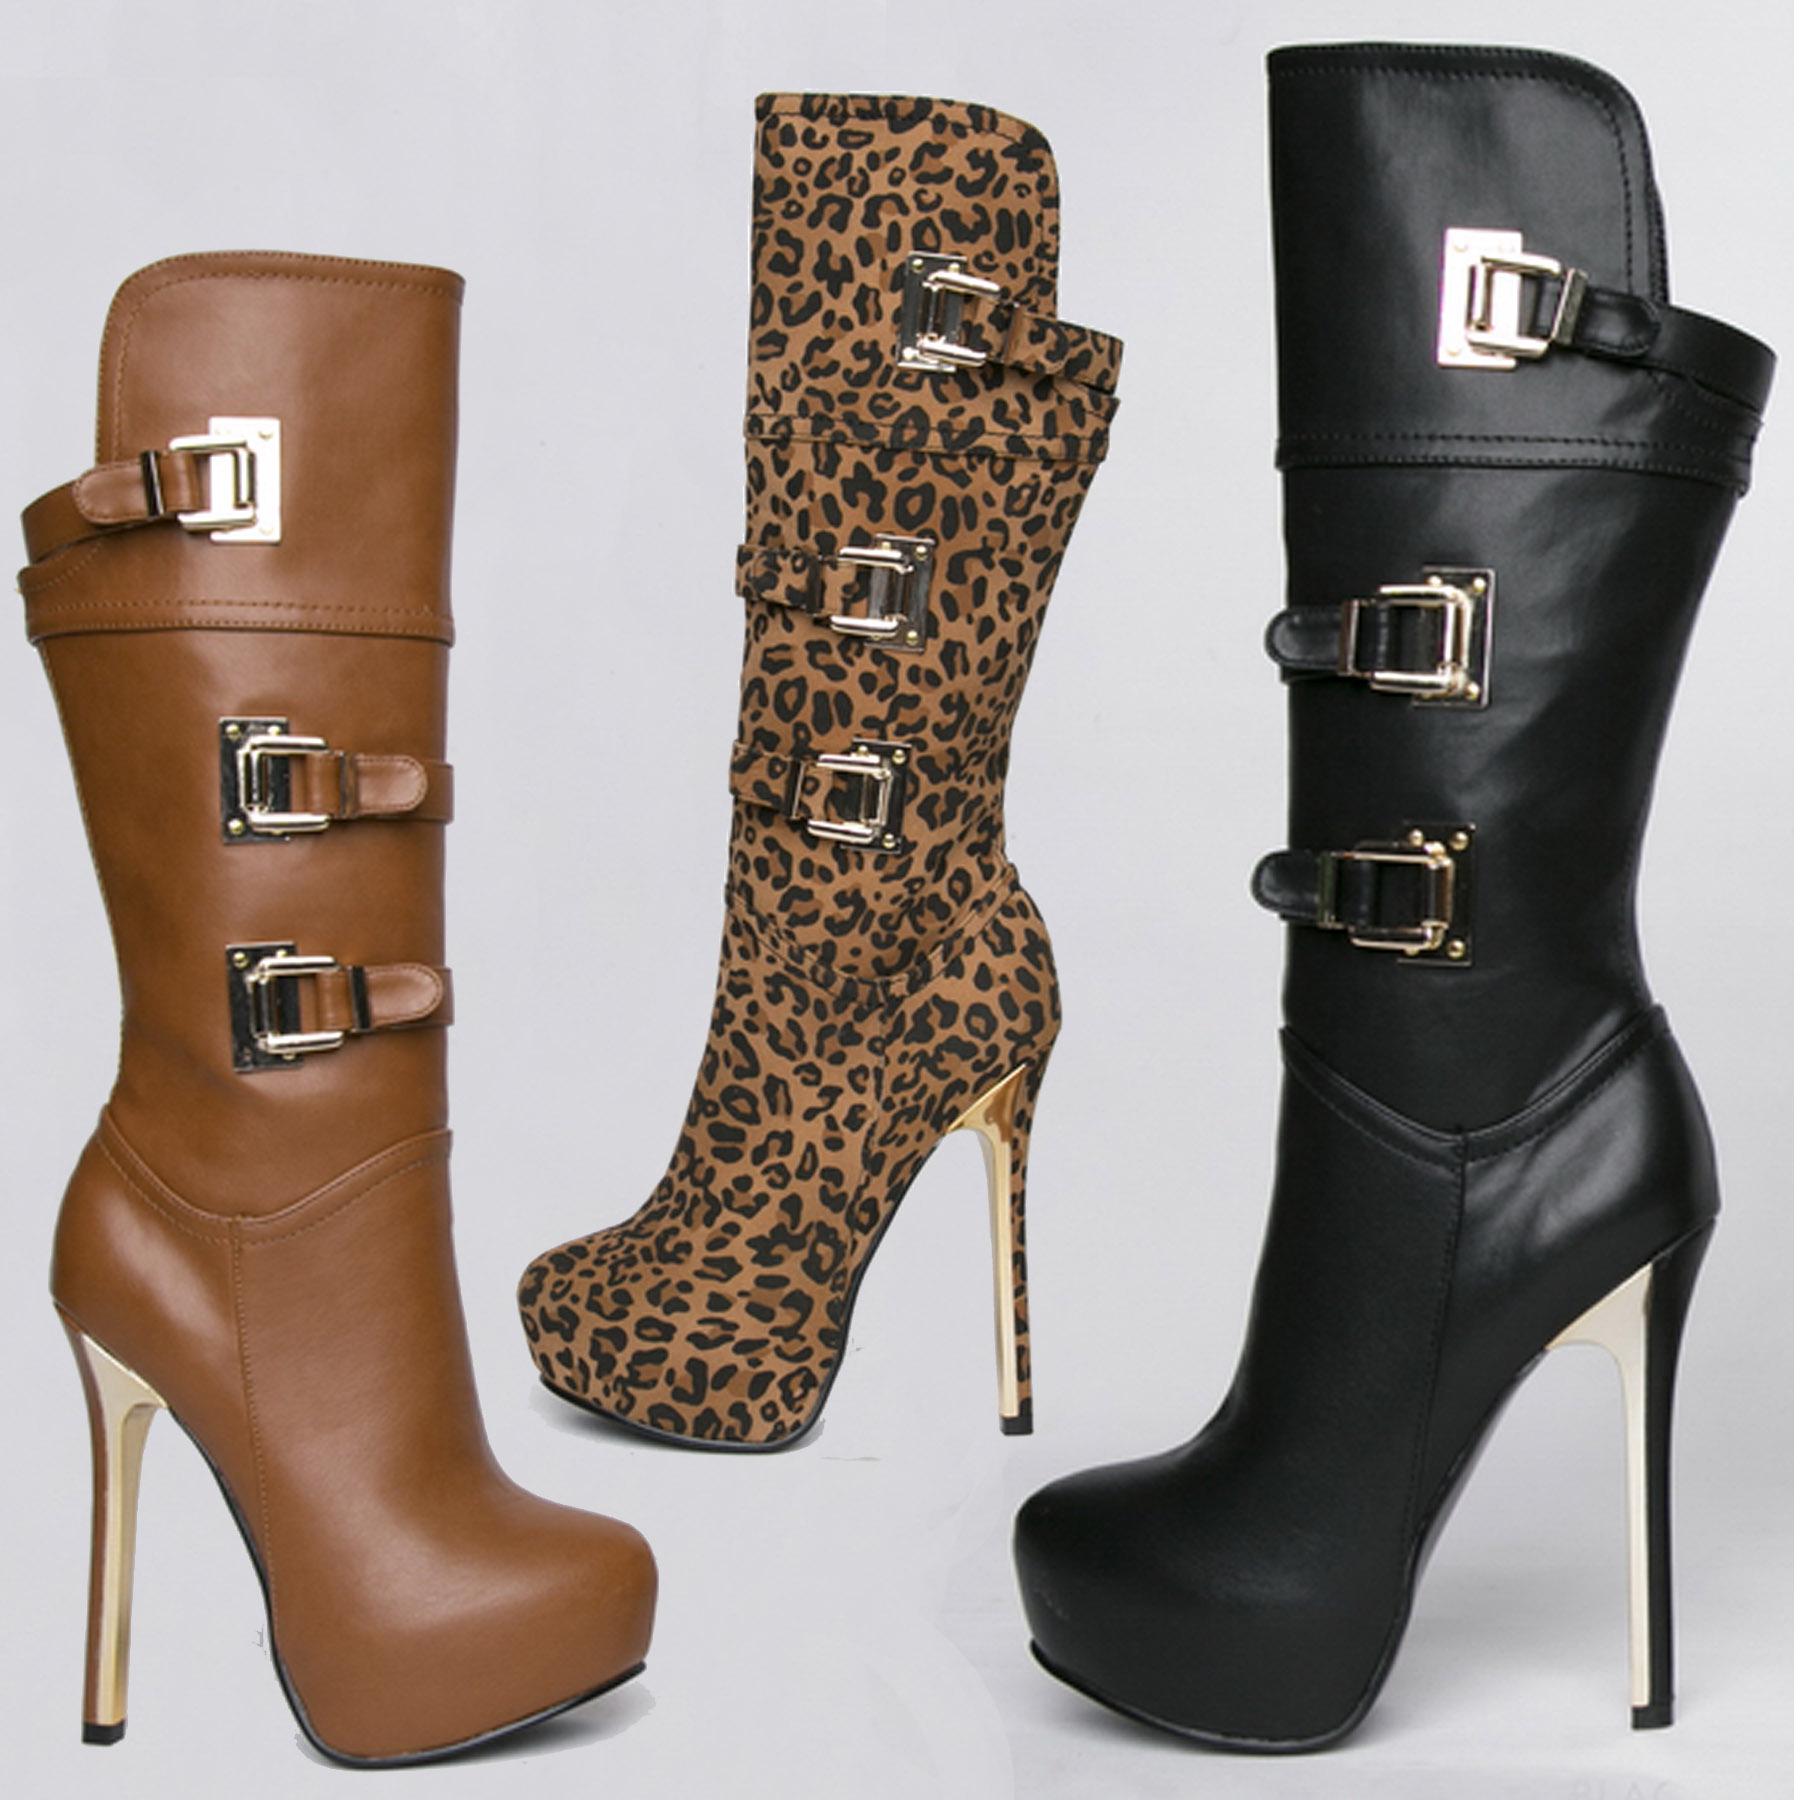 new 2015 womens 14cm platform high heels boots brown